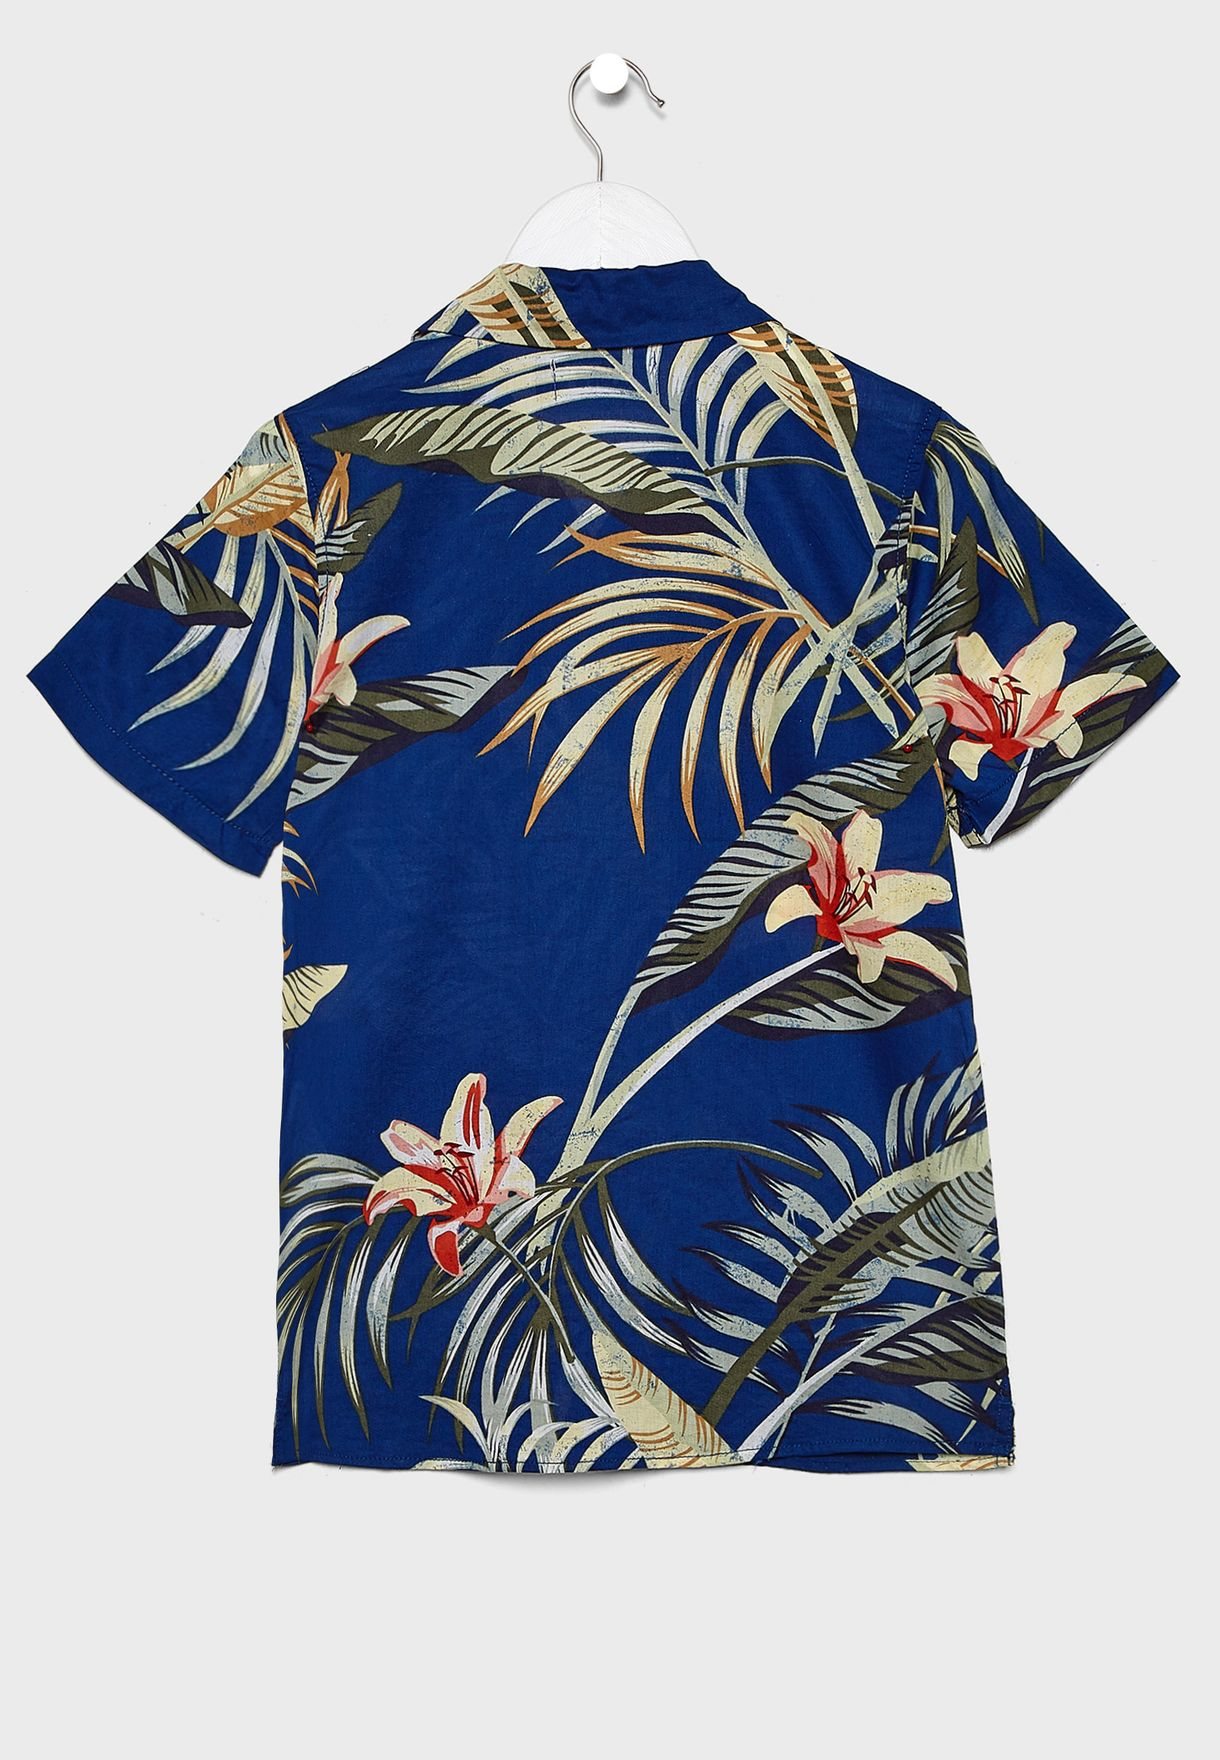 قميص بطبعات استوائية